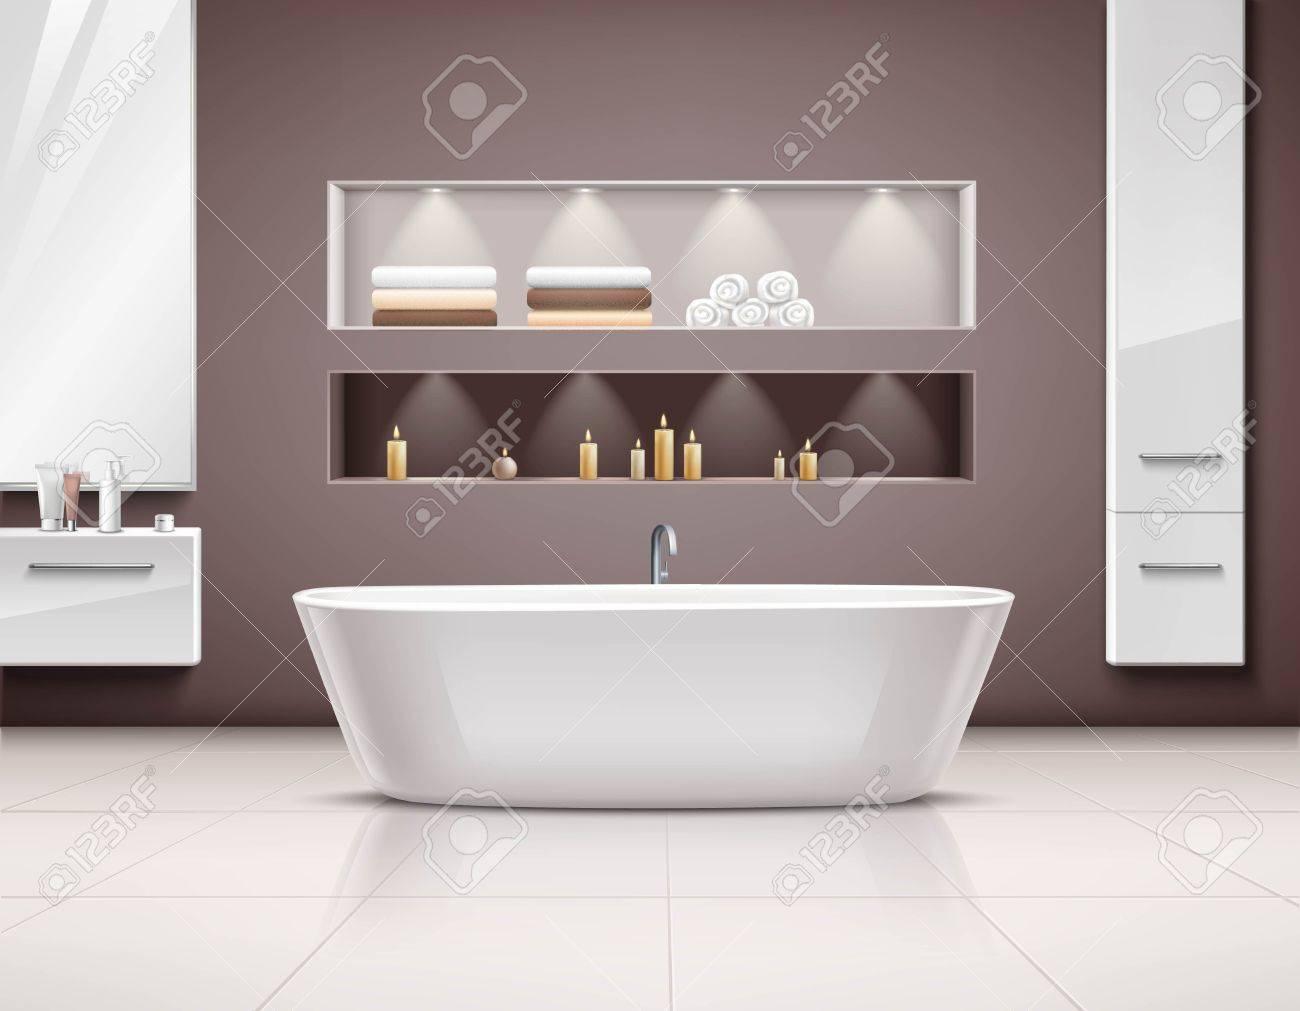 Luxuriöses Badezimmer Interieur Realstic Design Mit Weißen Bad Und